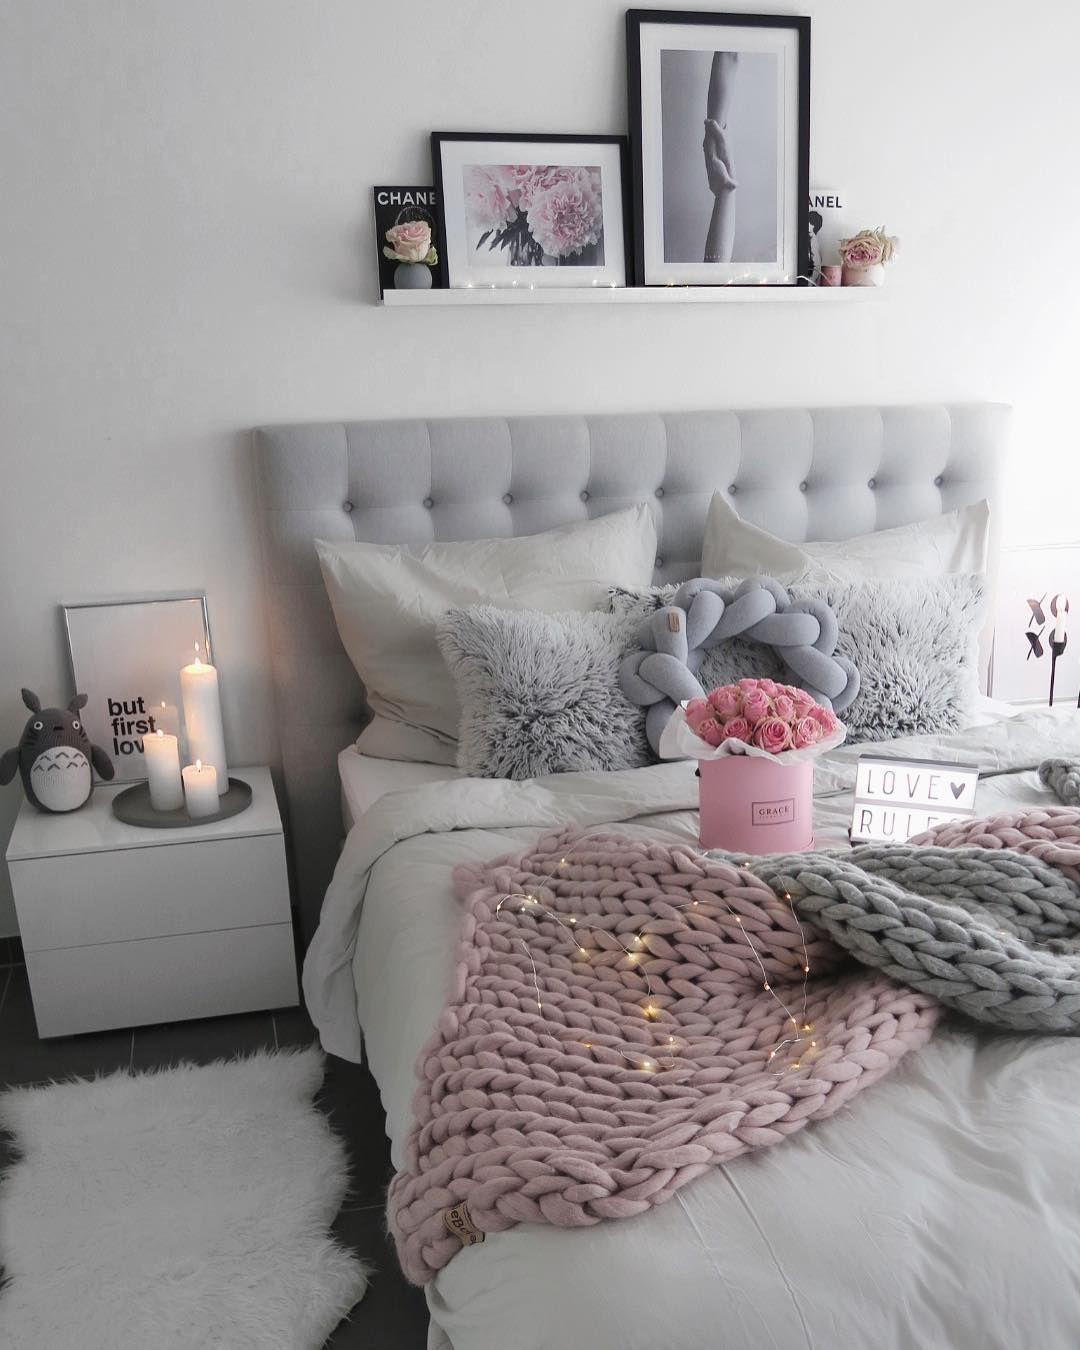 Mách bạn 10 mẹo giúp phòng ngủ nhỏ cỡ nào cũng xinh long lanh - Ảnh 8.